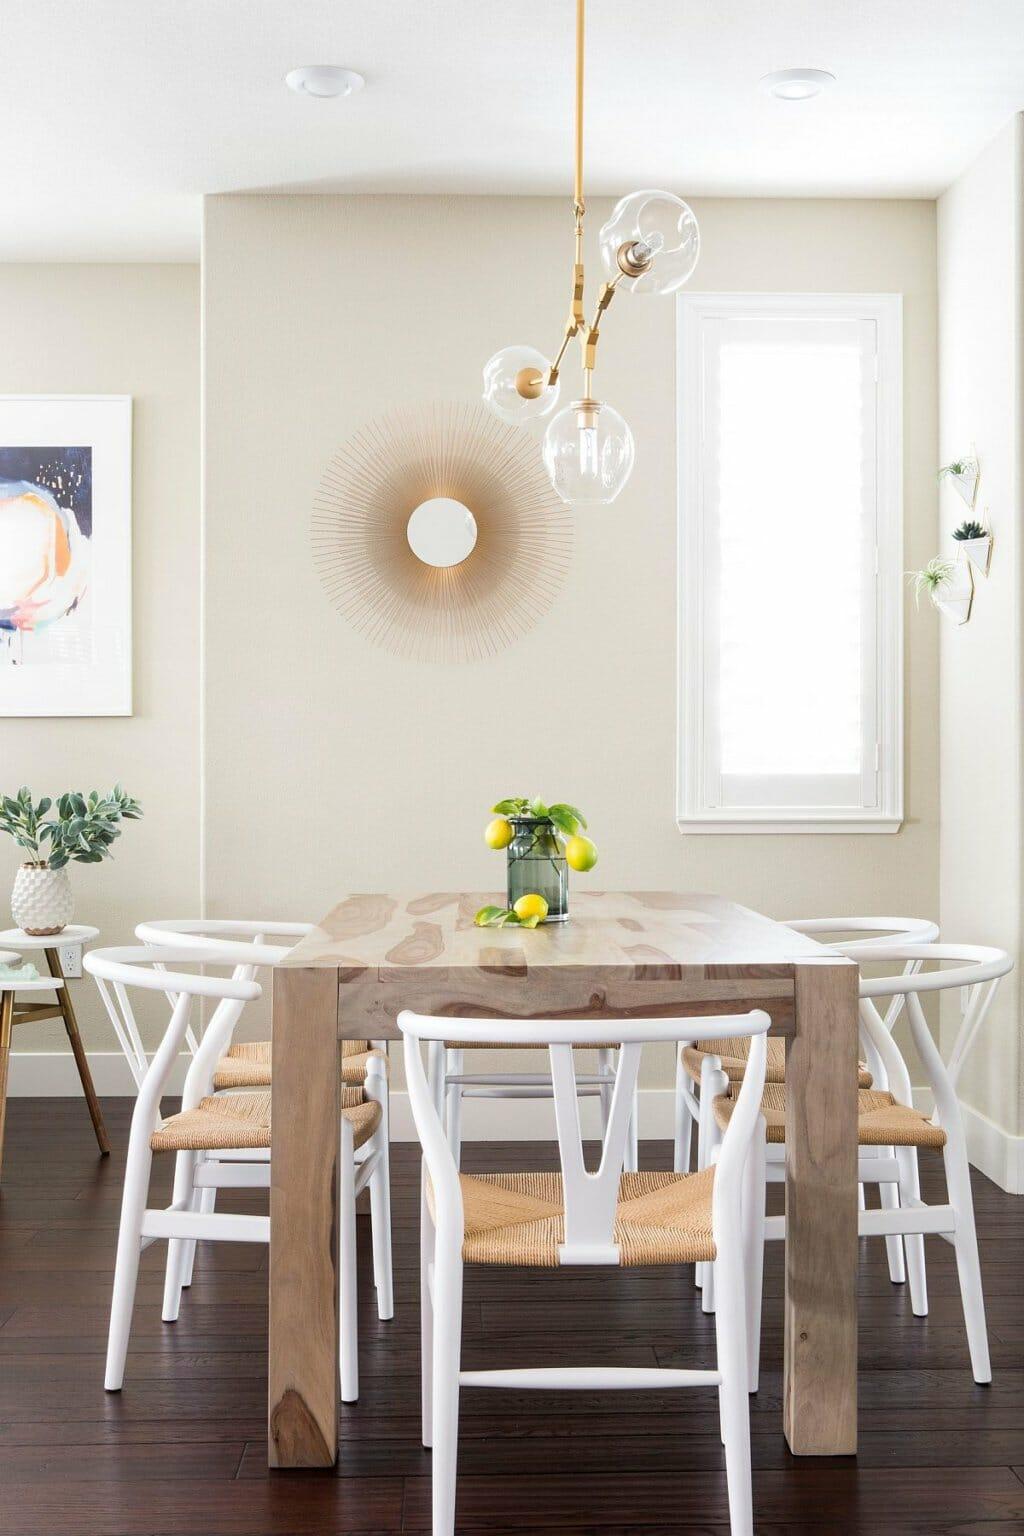 hình ảnh phòng ăn nhỏ phong cách bãi biển với bàn gỗ hình chữ nhật, ghế ngồi màu trắng, cây xanh tạo điểm nhấn